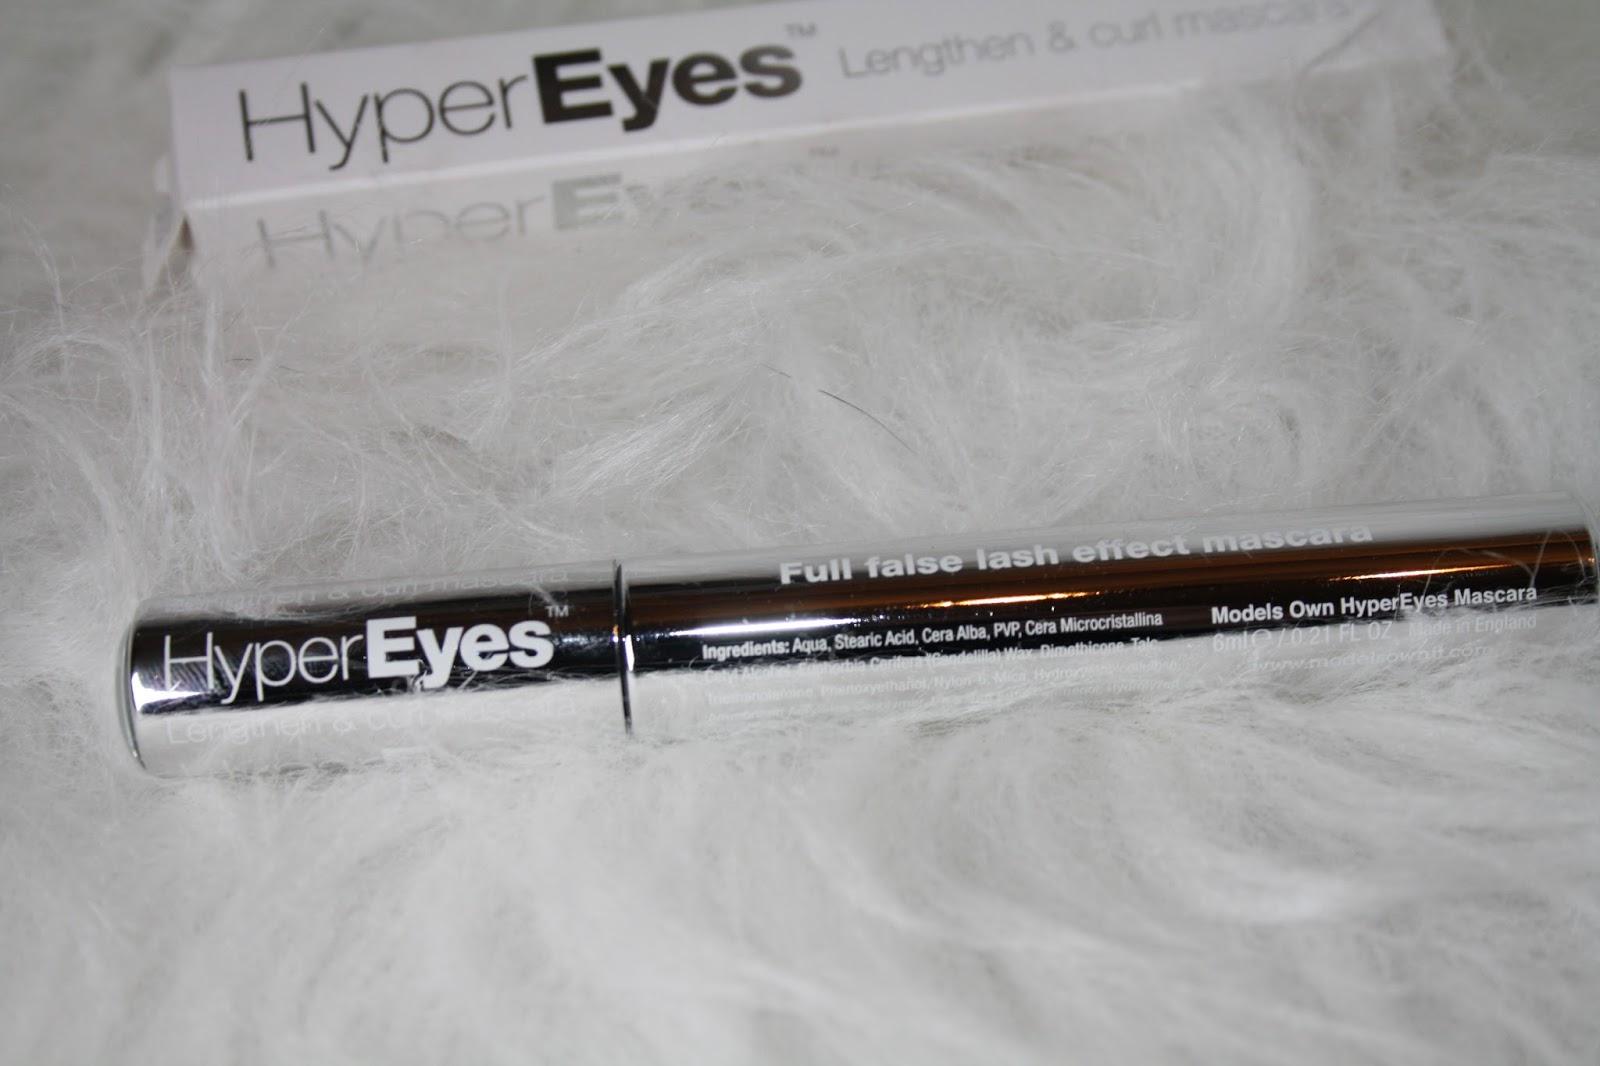 Hyper Eyes Mascara